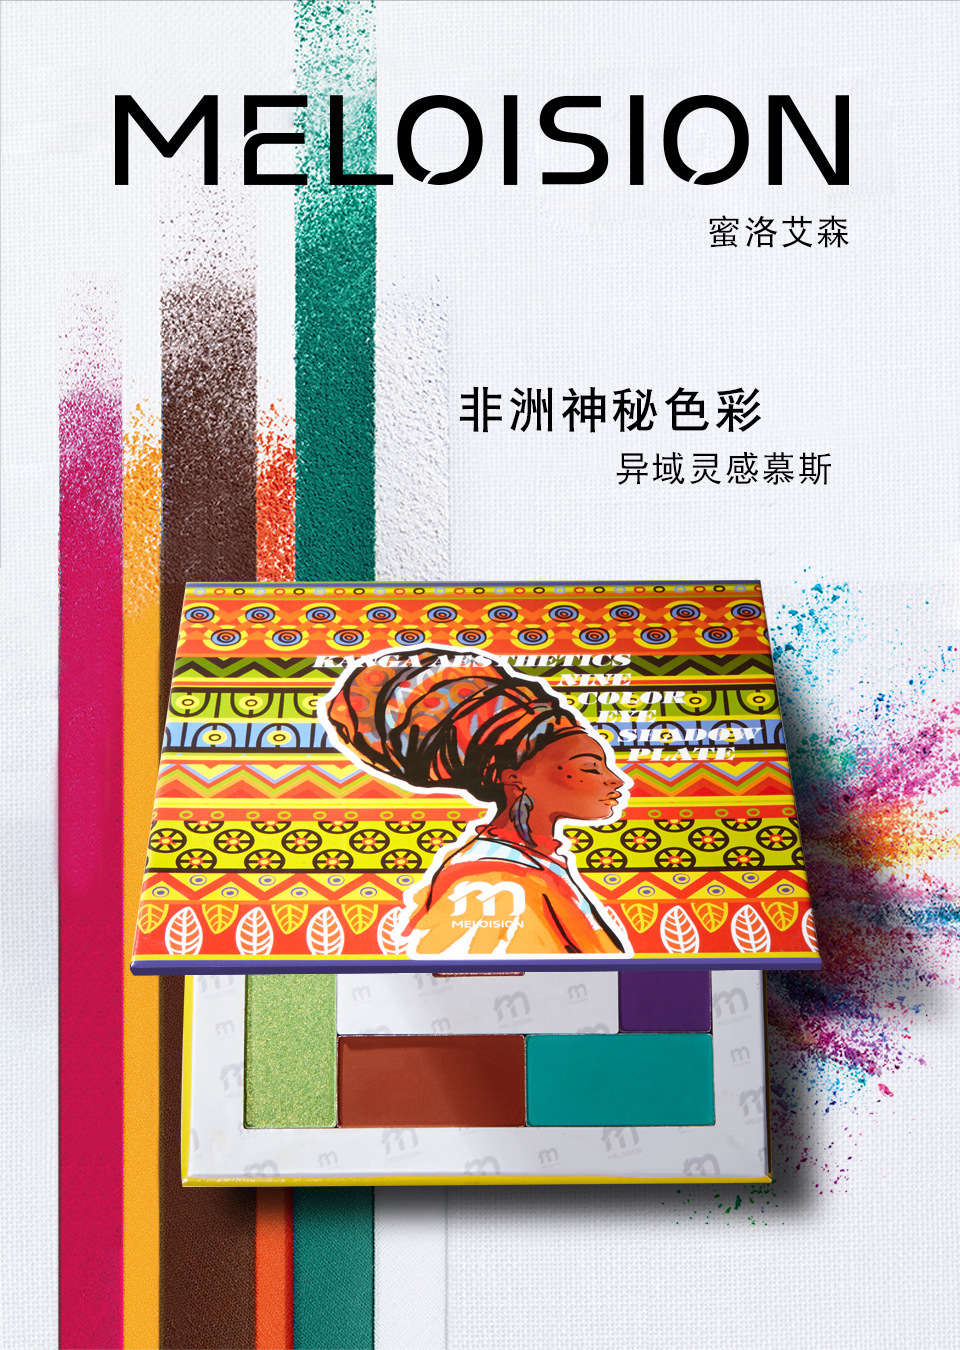 Trucco di marca di Lunga durata Ombretto facile da Indossare Eyeshadow Natural Matte Shimmer Naturale di Trucco palette di 9 Colori